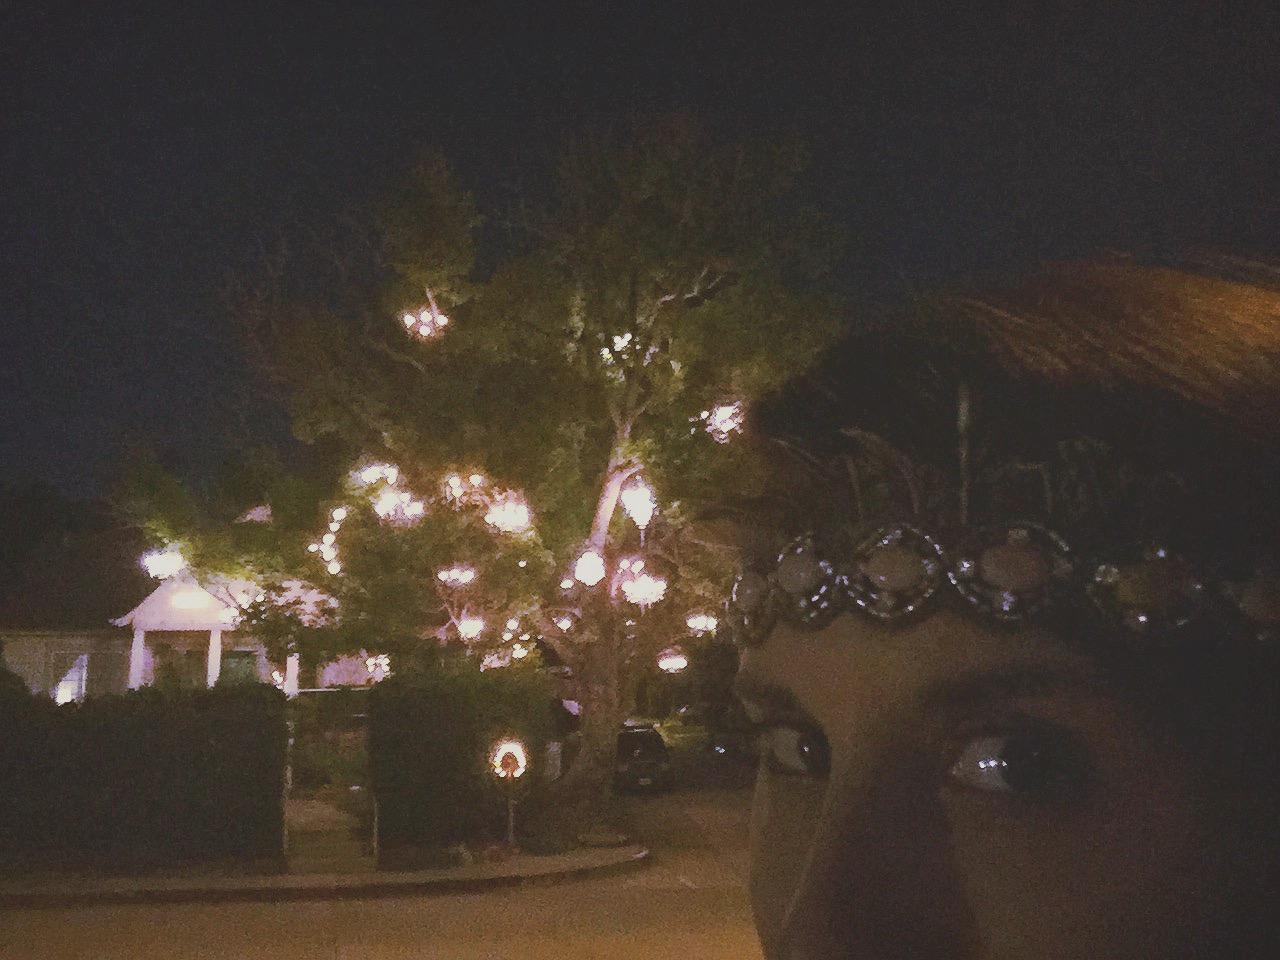 The Nerdy Girlie: LA Bucket List: The Chandelier Tree